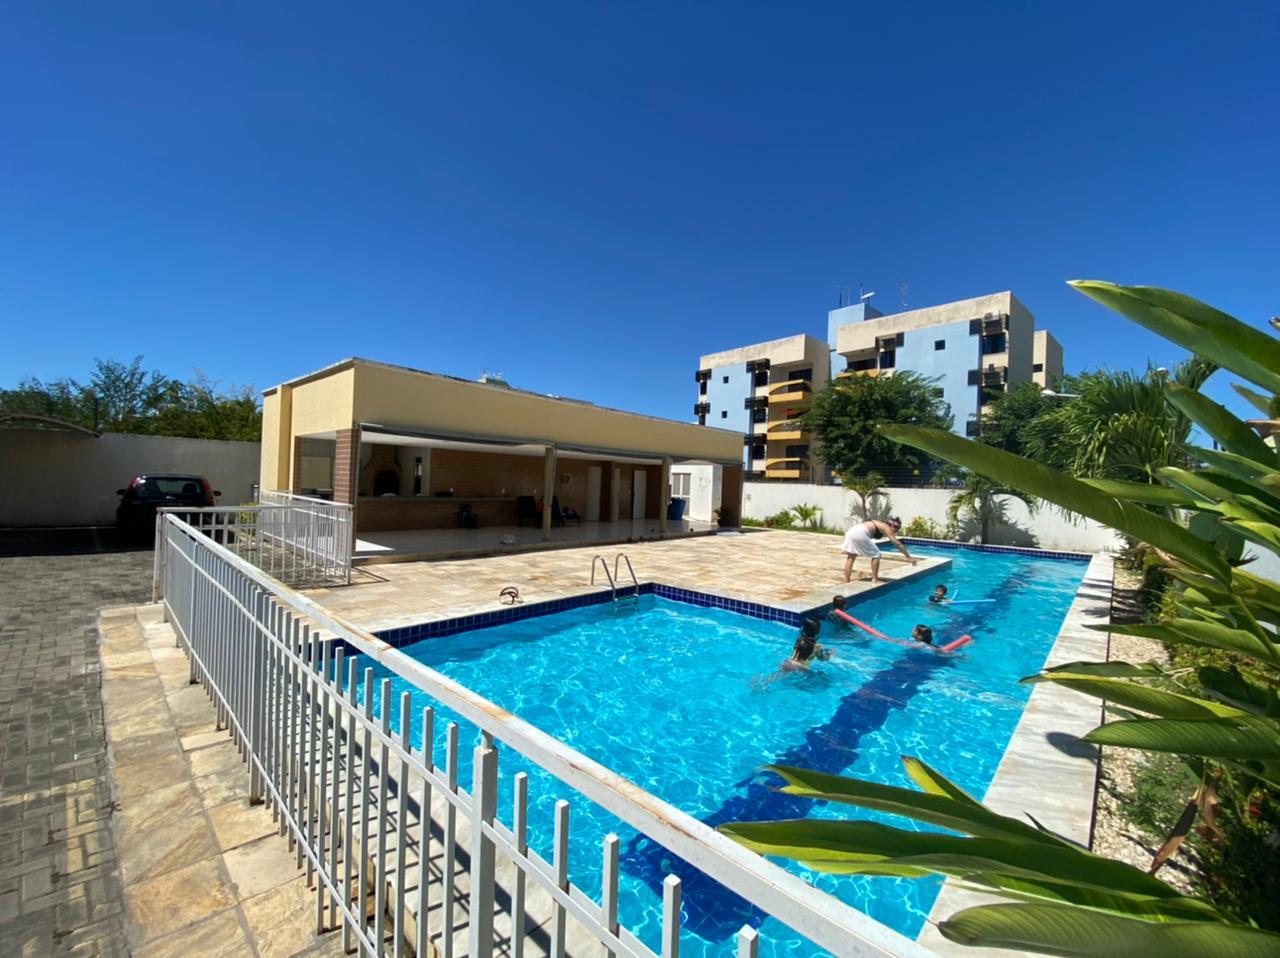 Apartamento para venda com 2 quartos sendo 1 suíte, elevador, piscina, 1 vaga de garagem próximo avenida João XXIII no bairro Santa Isabel  em Teresina-PI